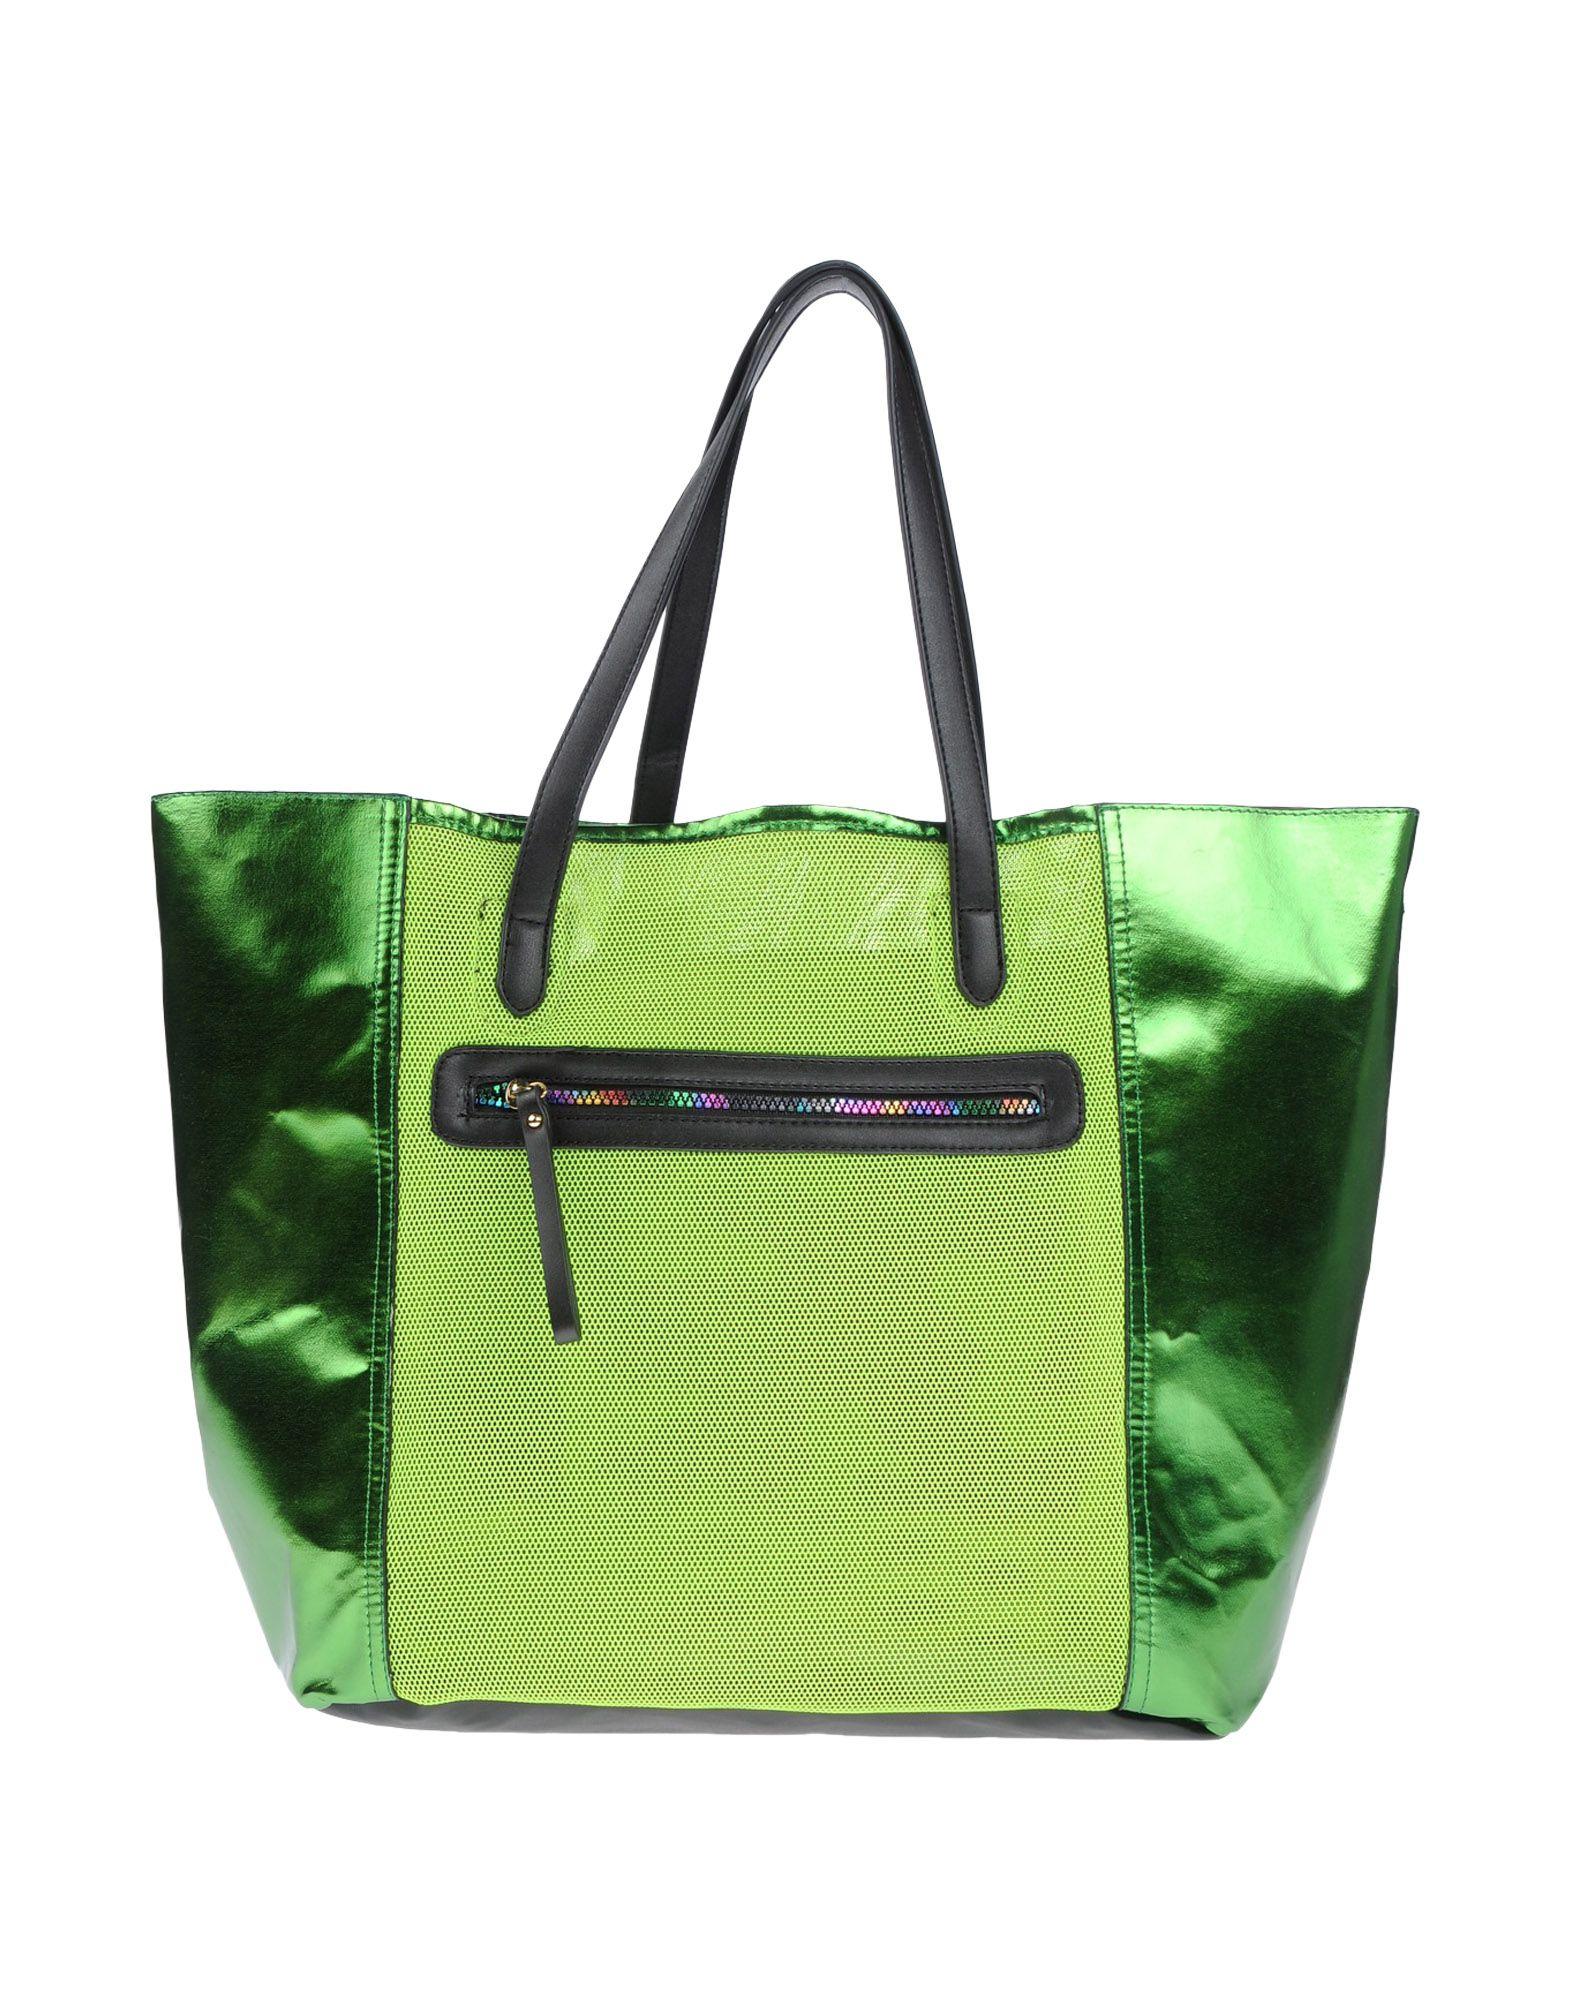 《セール開催中》GOOD MOOD レディース ハンドバッグ ビタミングリーン 紡績繊維